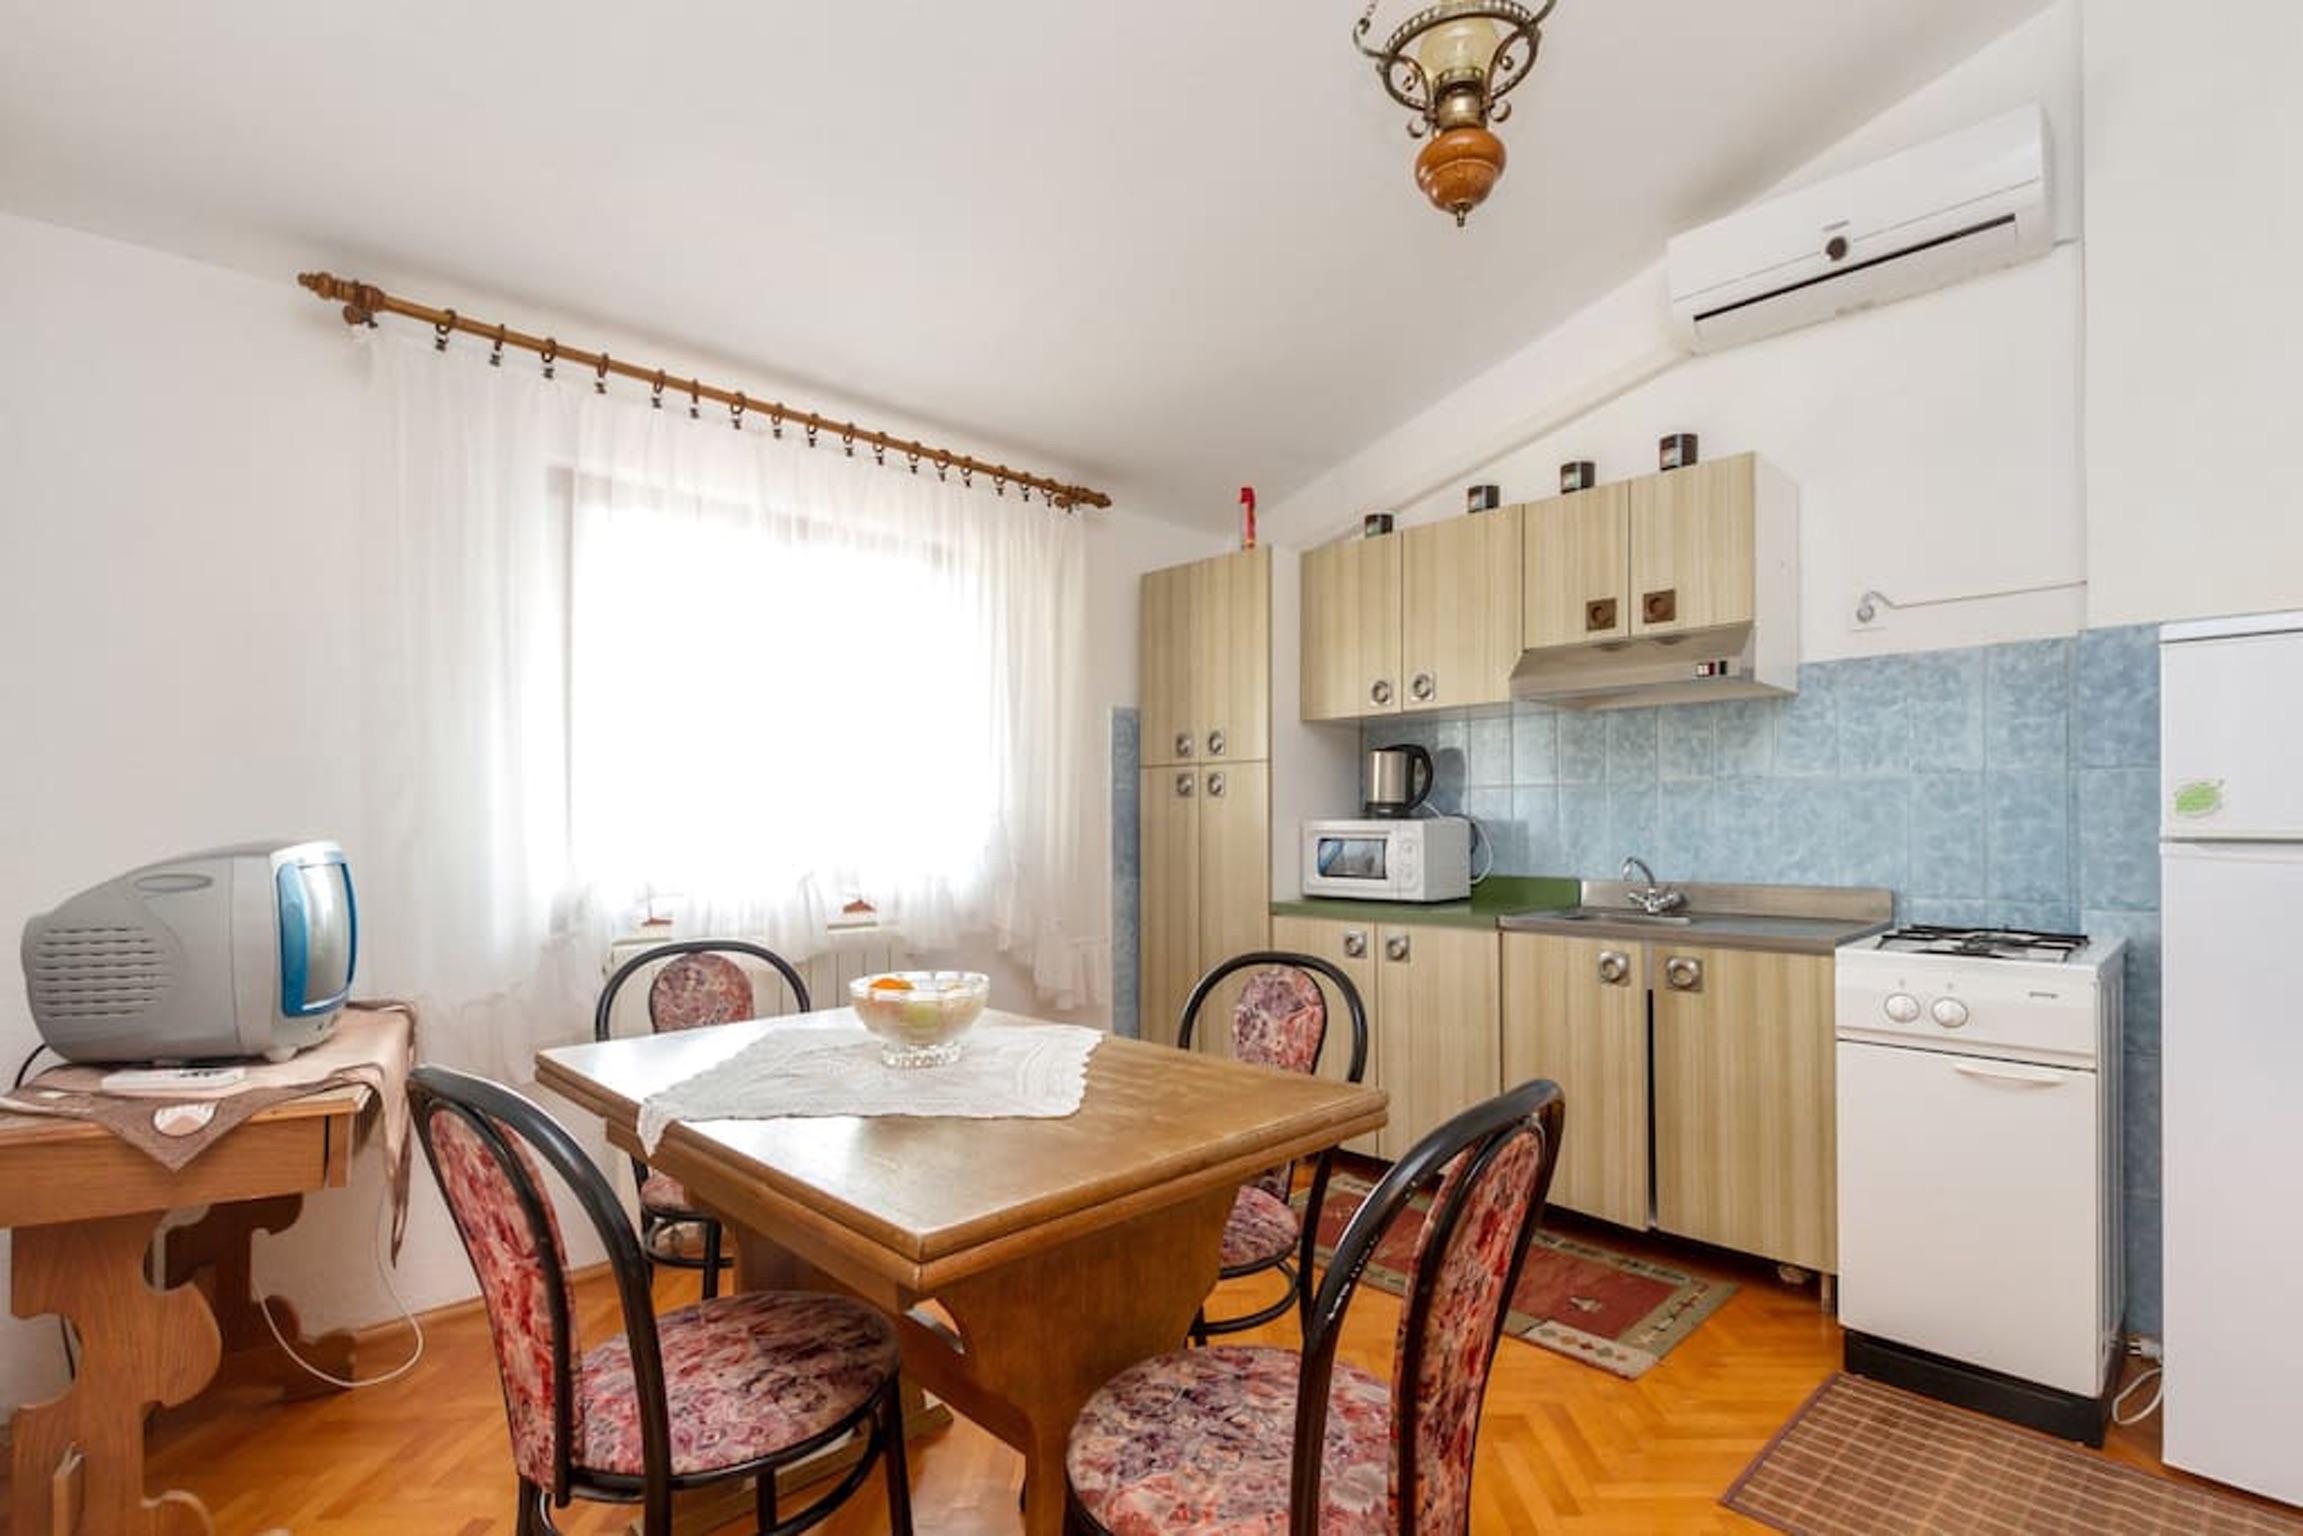 Ferienwohnung Wohnung mit 3 Zimmern in Seget Vranjica mit herrlichem Meerblick und eingezäuntem Garten - (2339638), Seget Donji, , Dalmatien, Kroatien, Bild 3